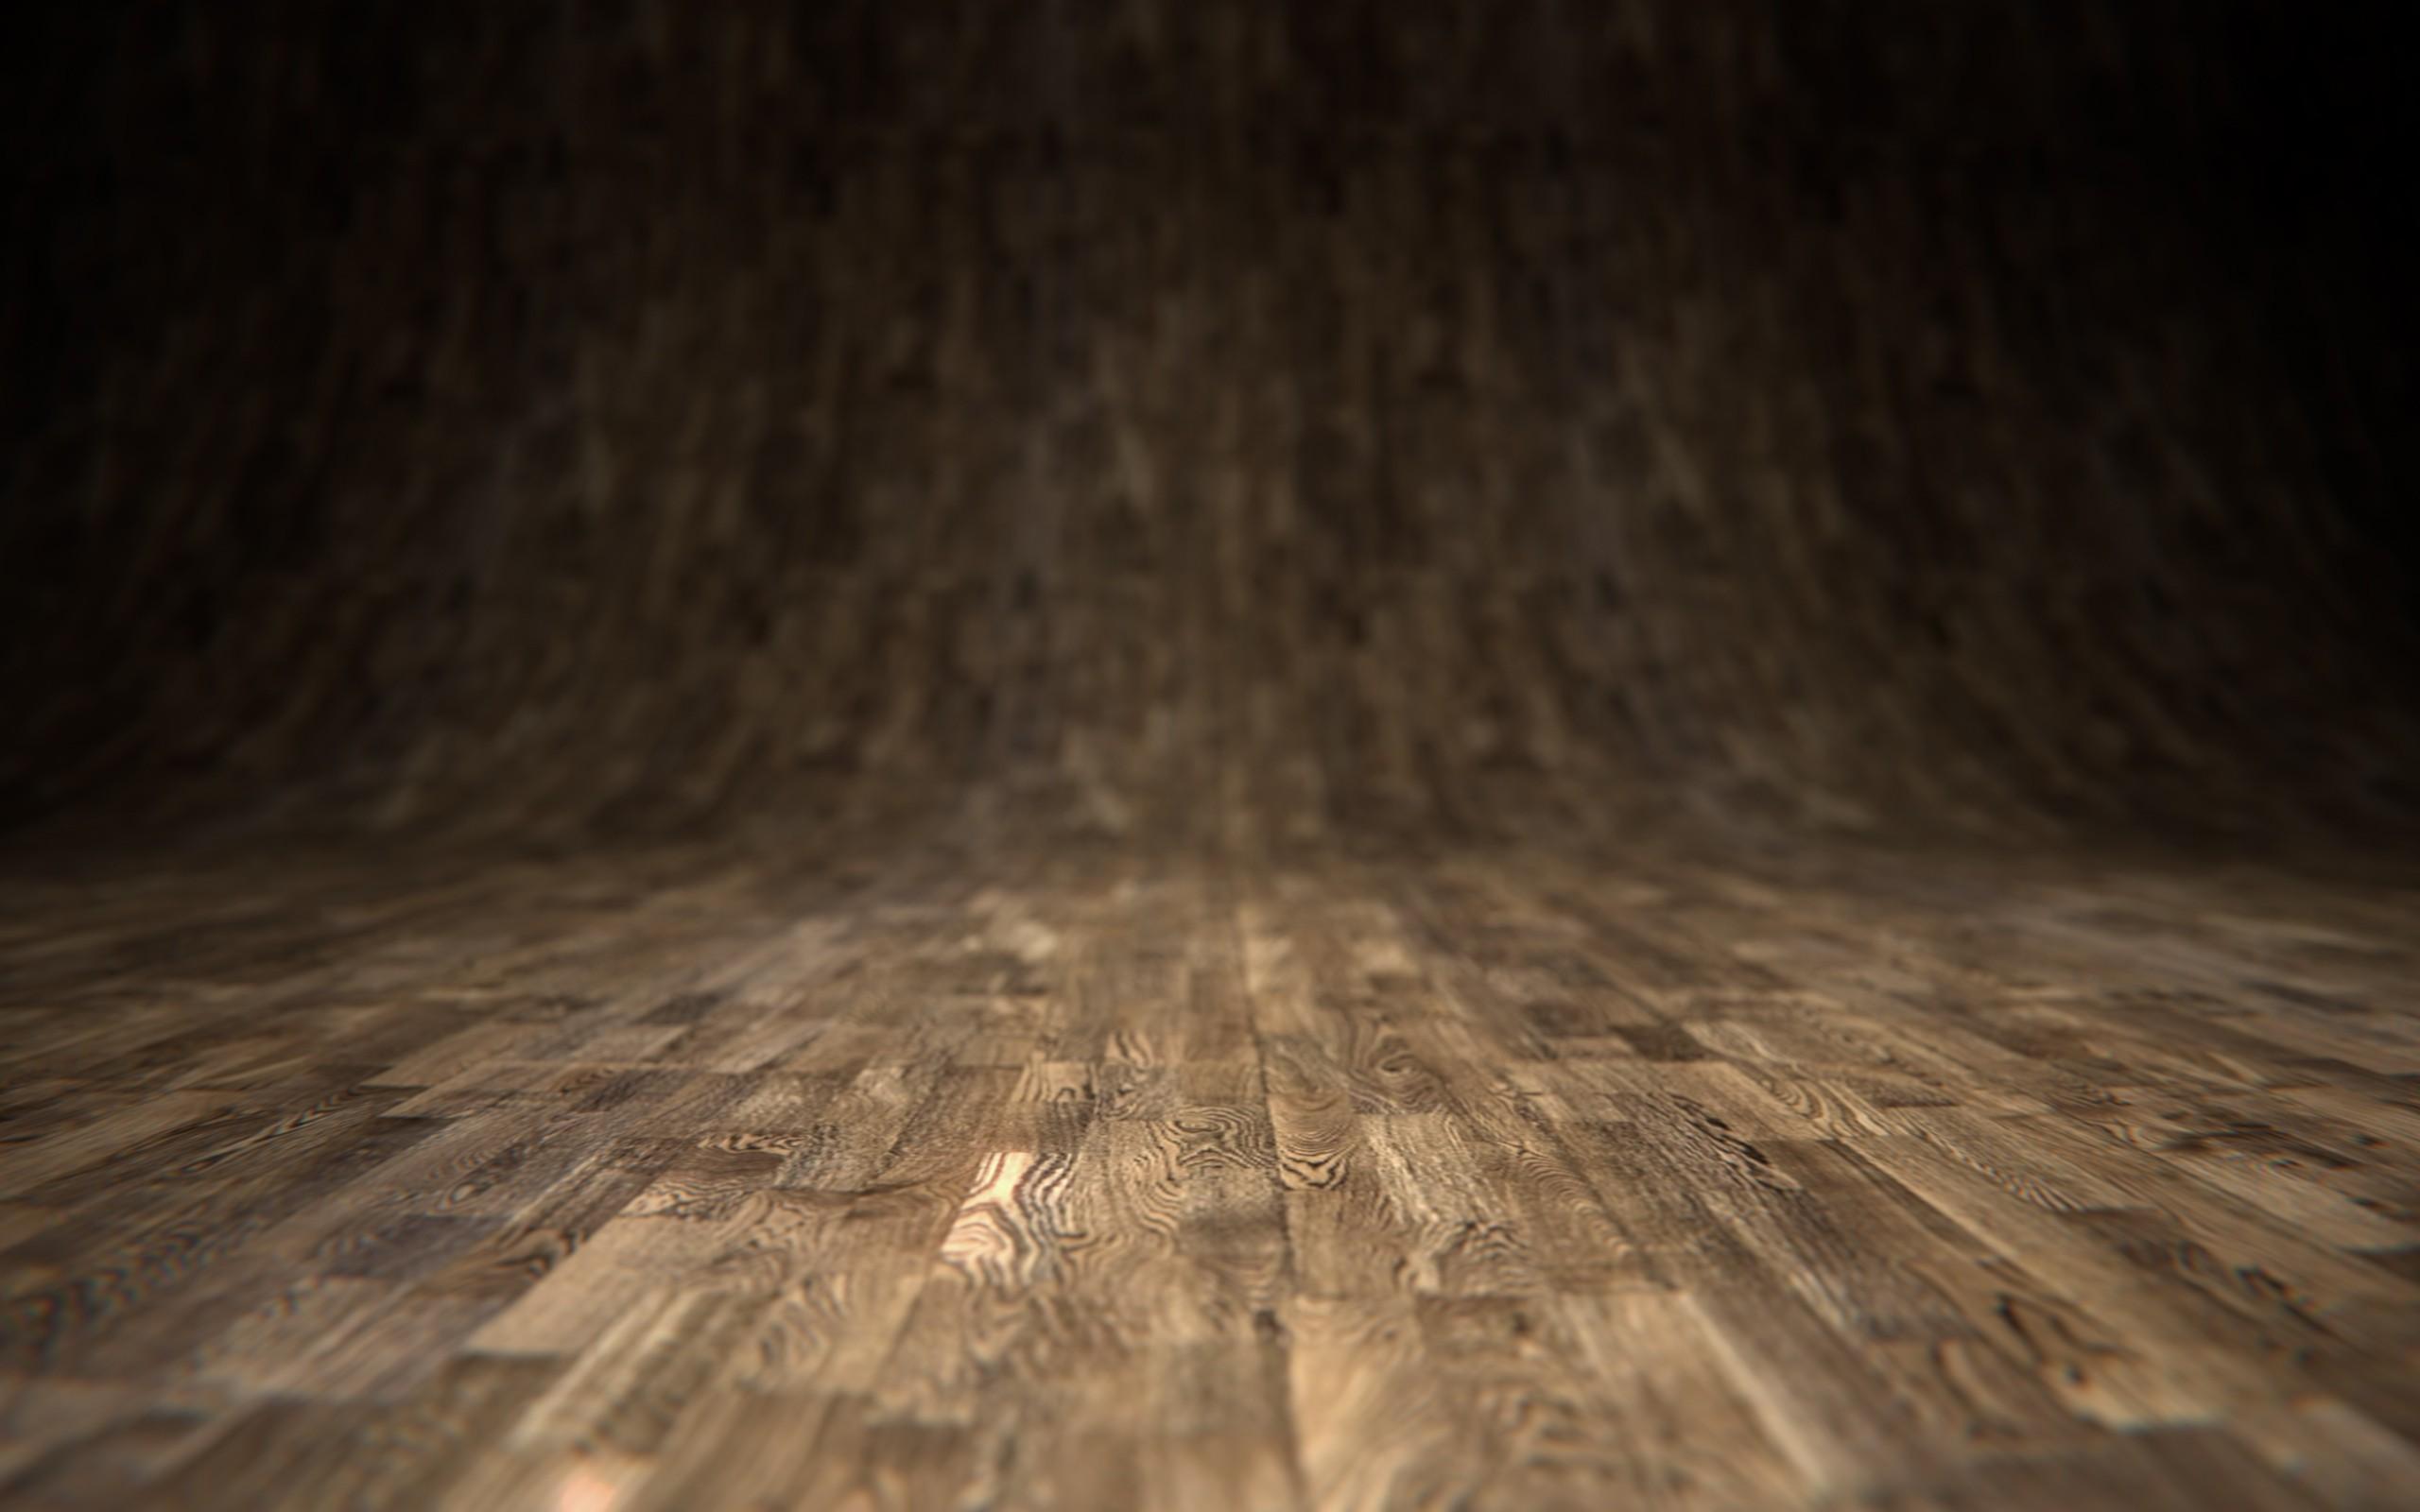 ارضيات خشبيه للتصميم 6 ارضيات خشبيه للتصميم